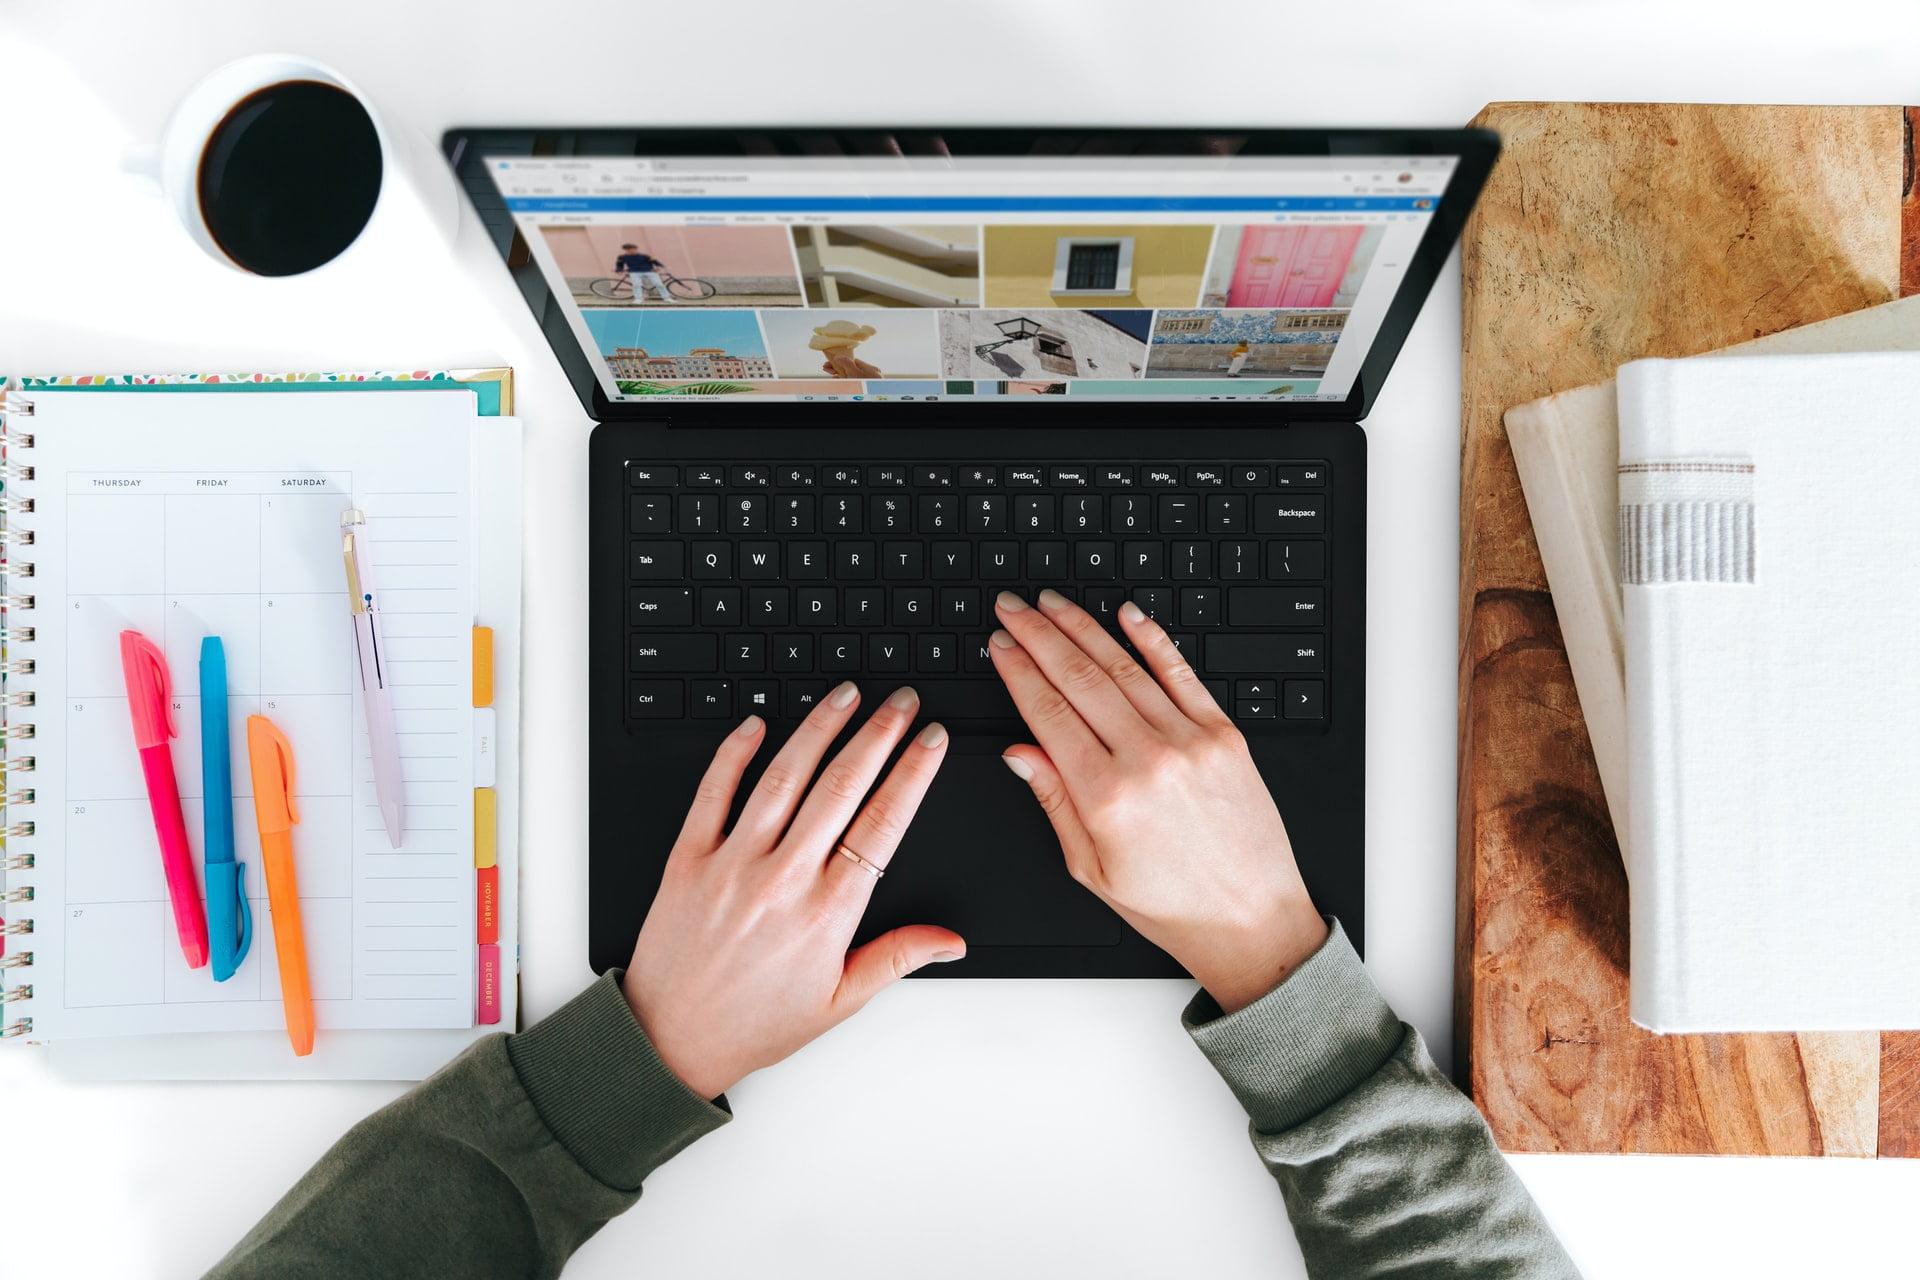 Dicas para criação de sites: o que você precisa saber antes de criar o seu?